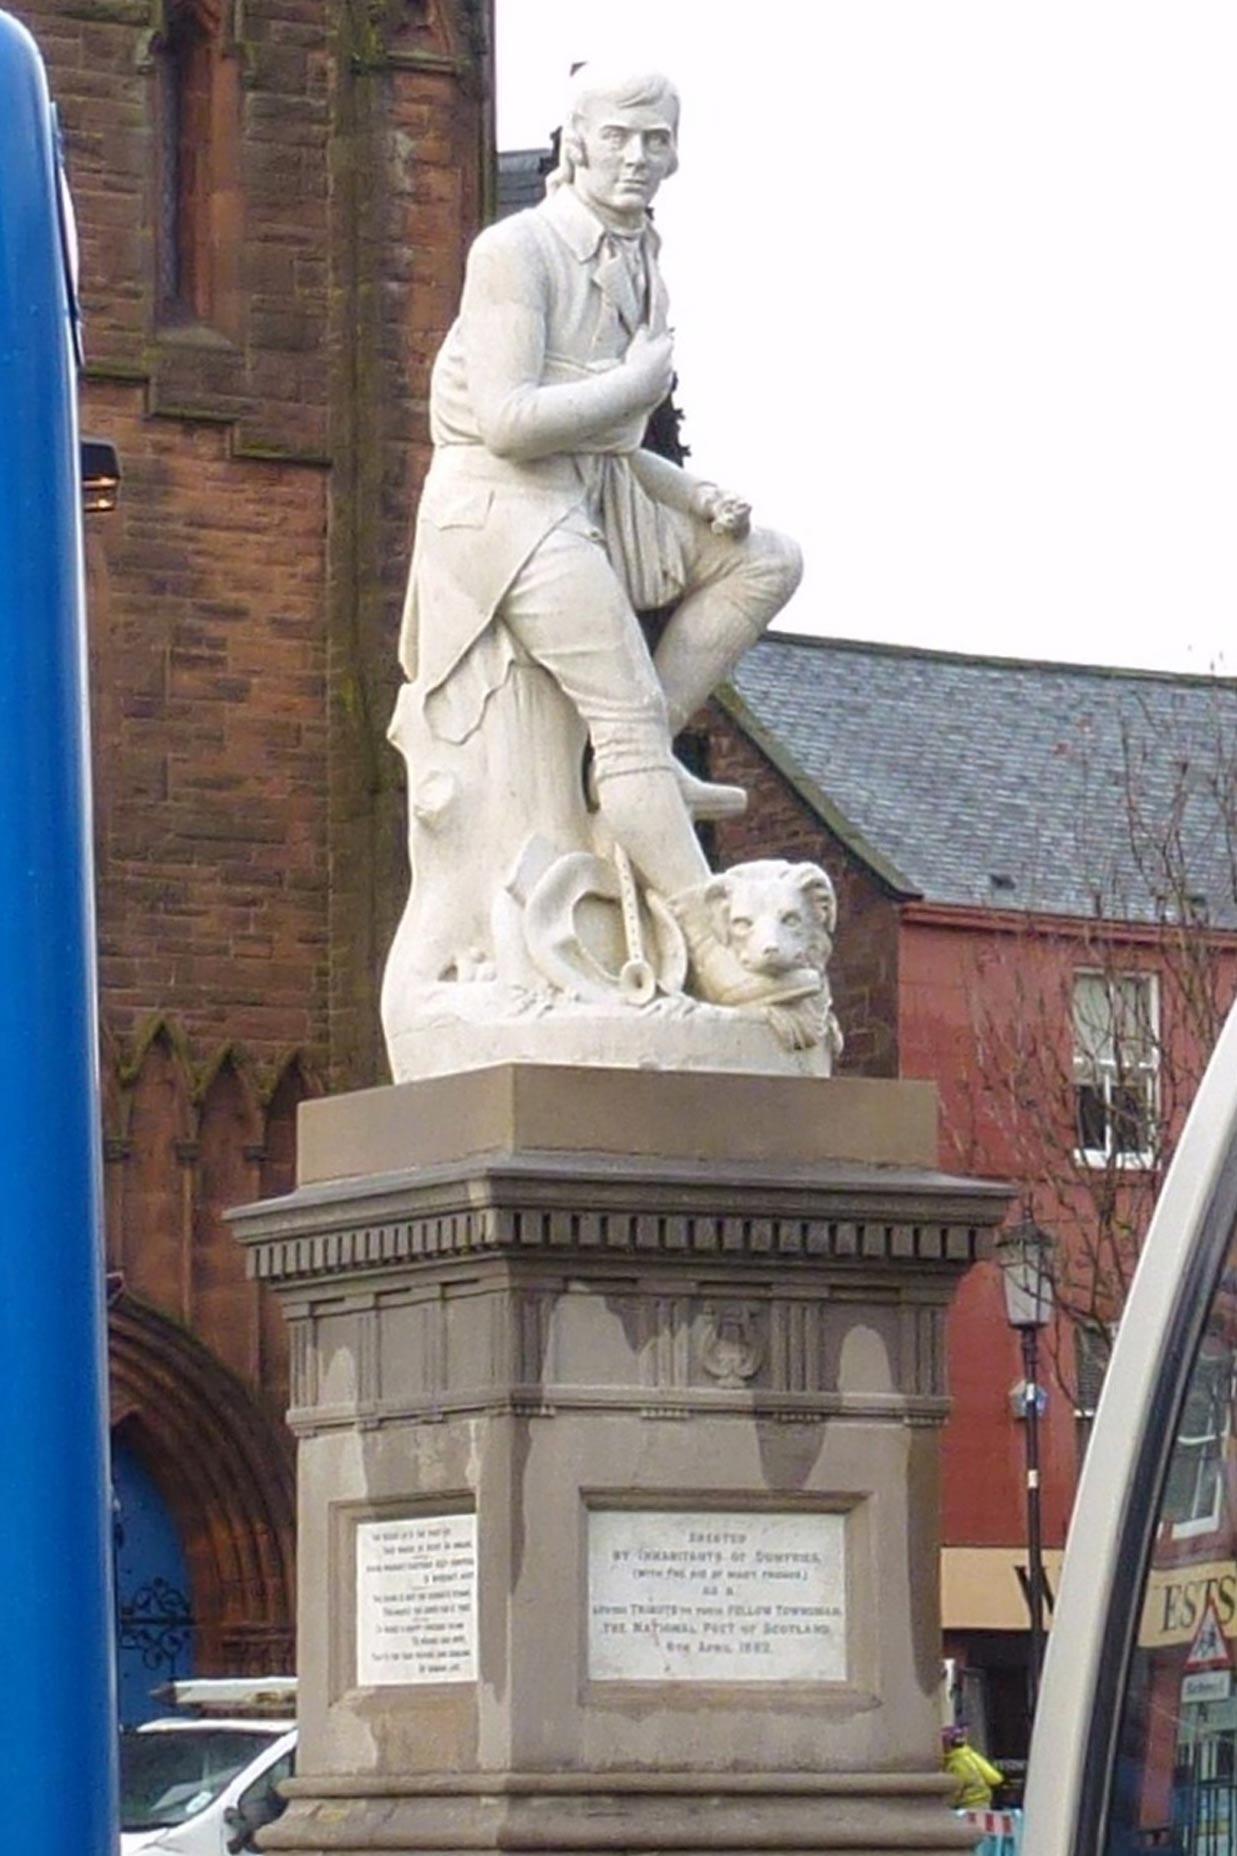 Statue of Robert Burns, Dumfries High Street © Geoff Kelland